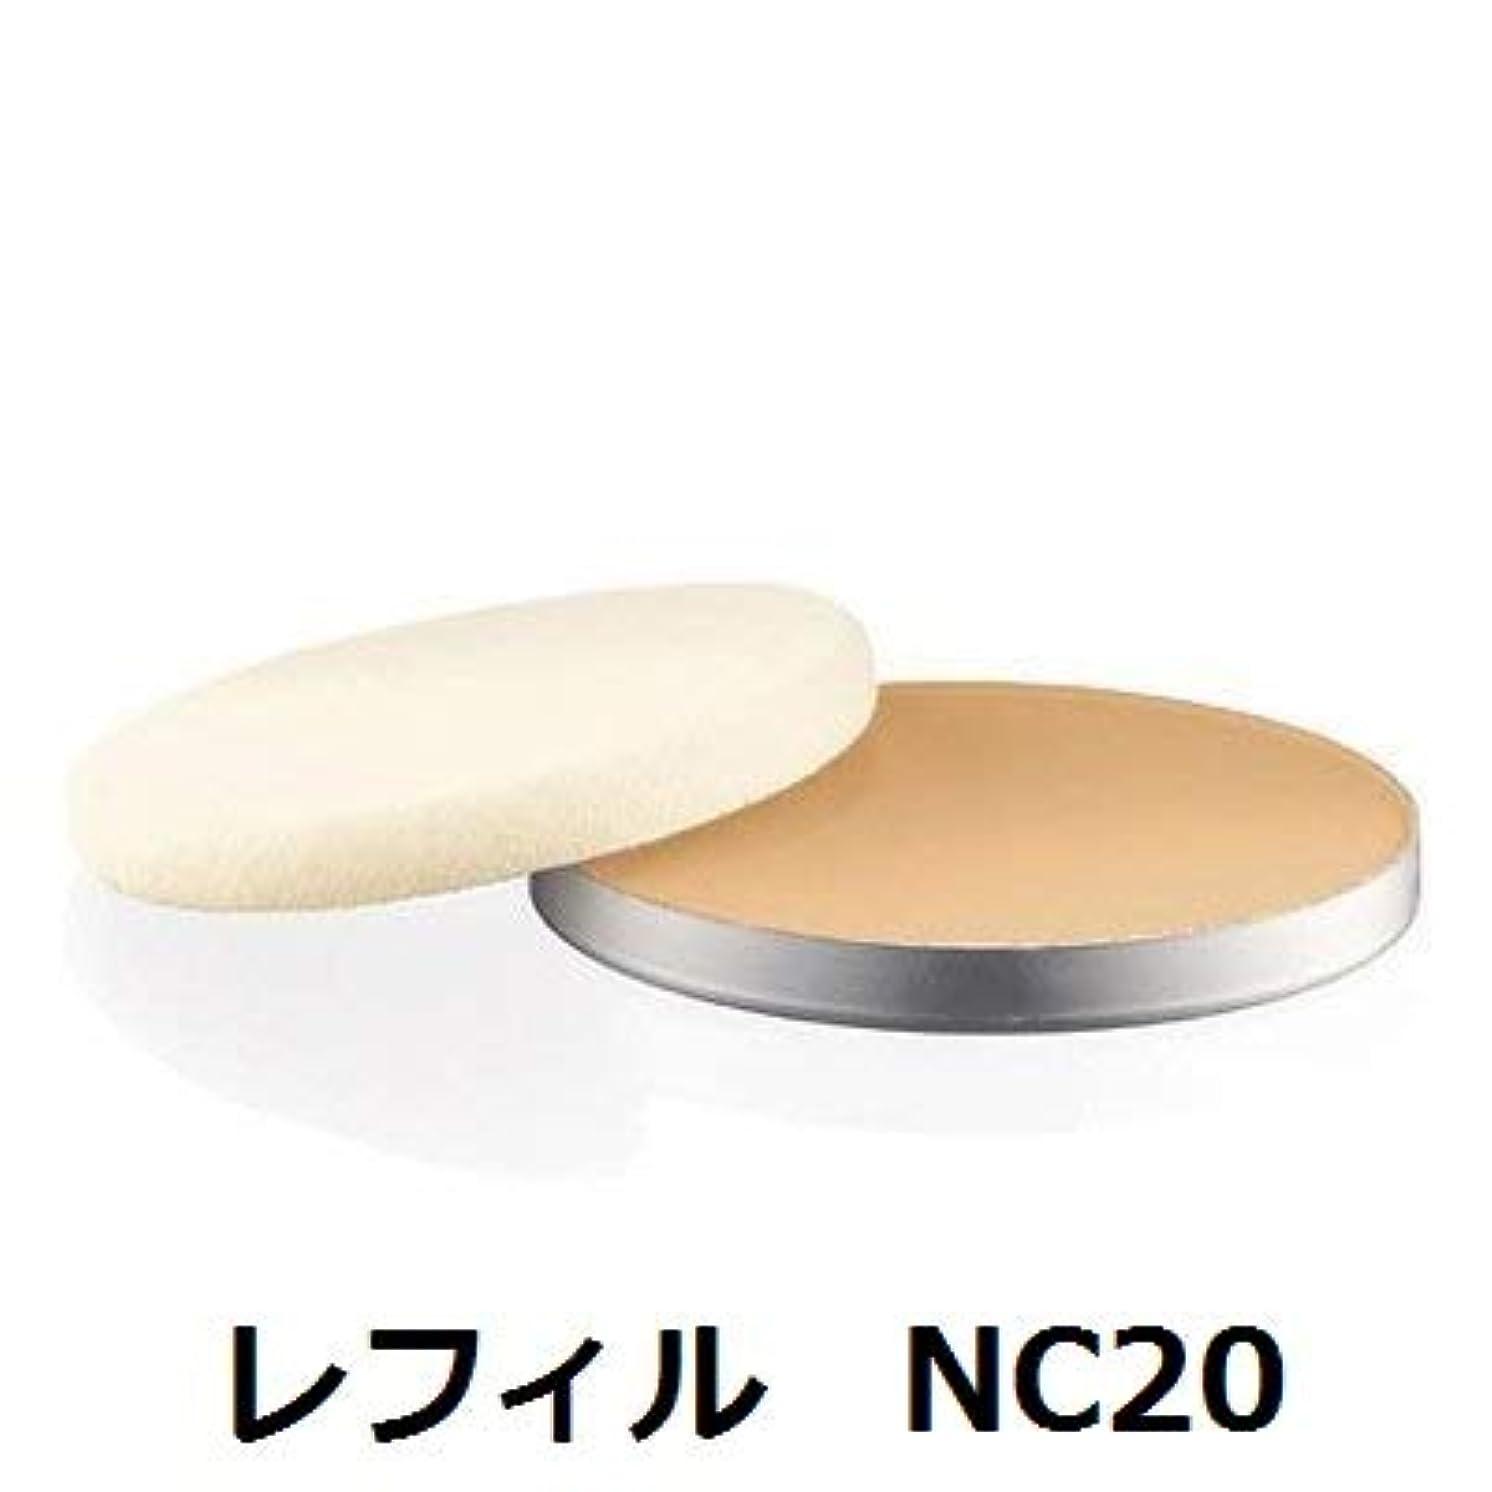 遺跡筋自分のマック(MAC) ライトフルC+SPF 30ファンデーション レフィル #NC20 14g [並行輸入品]